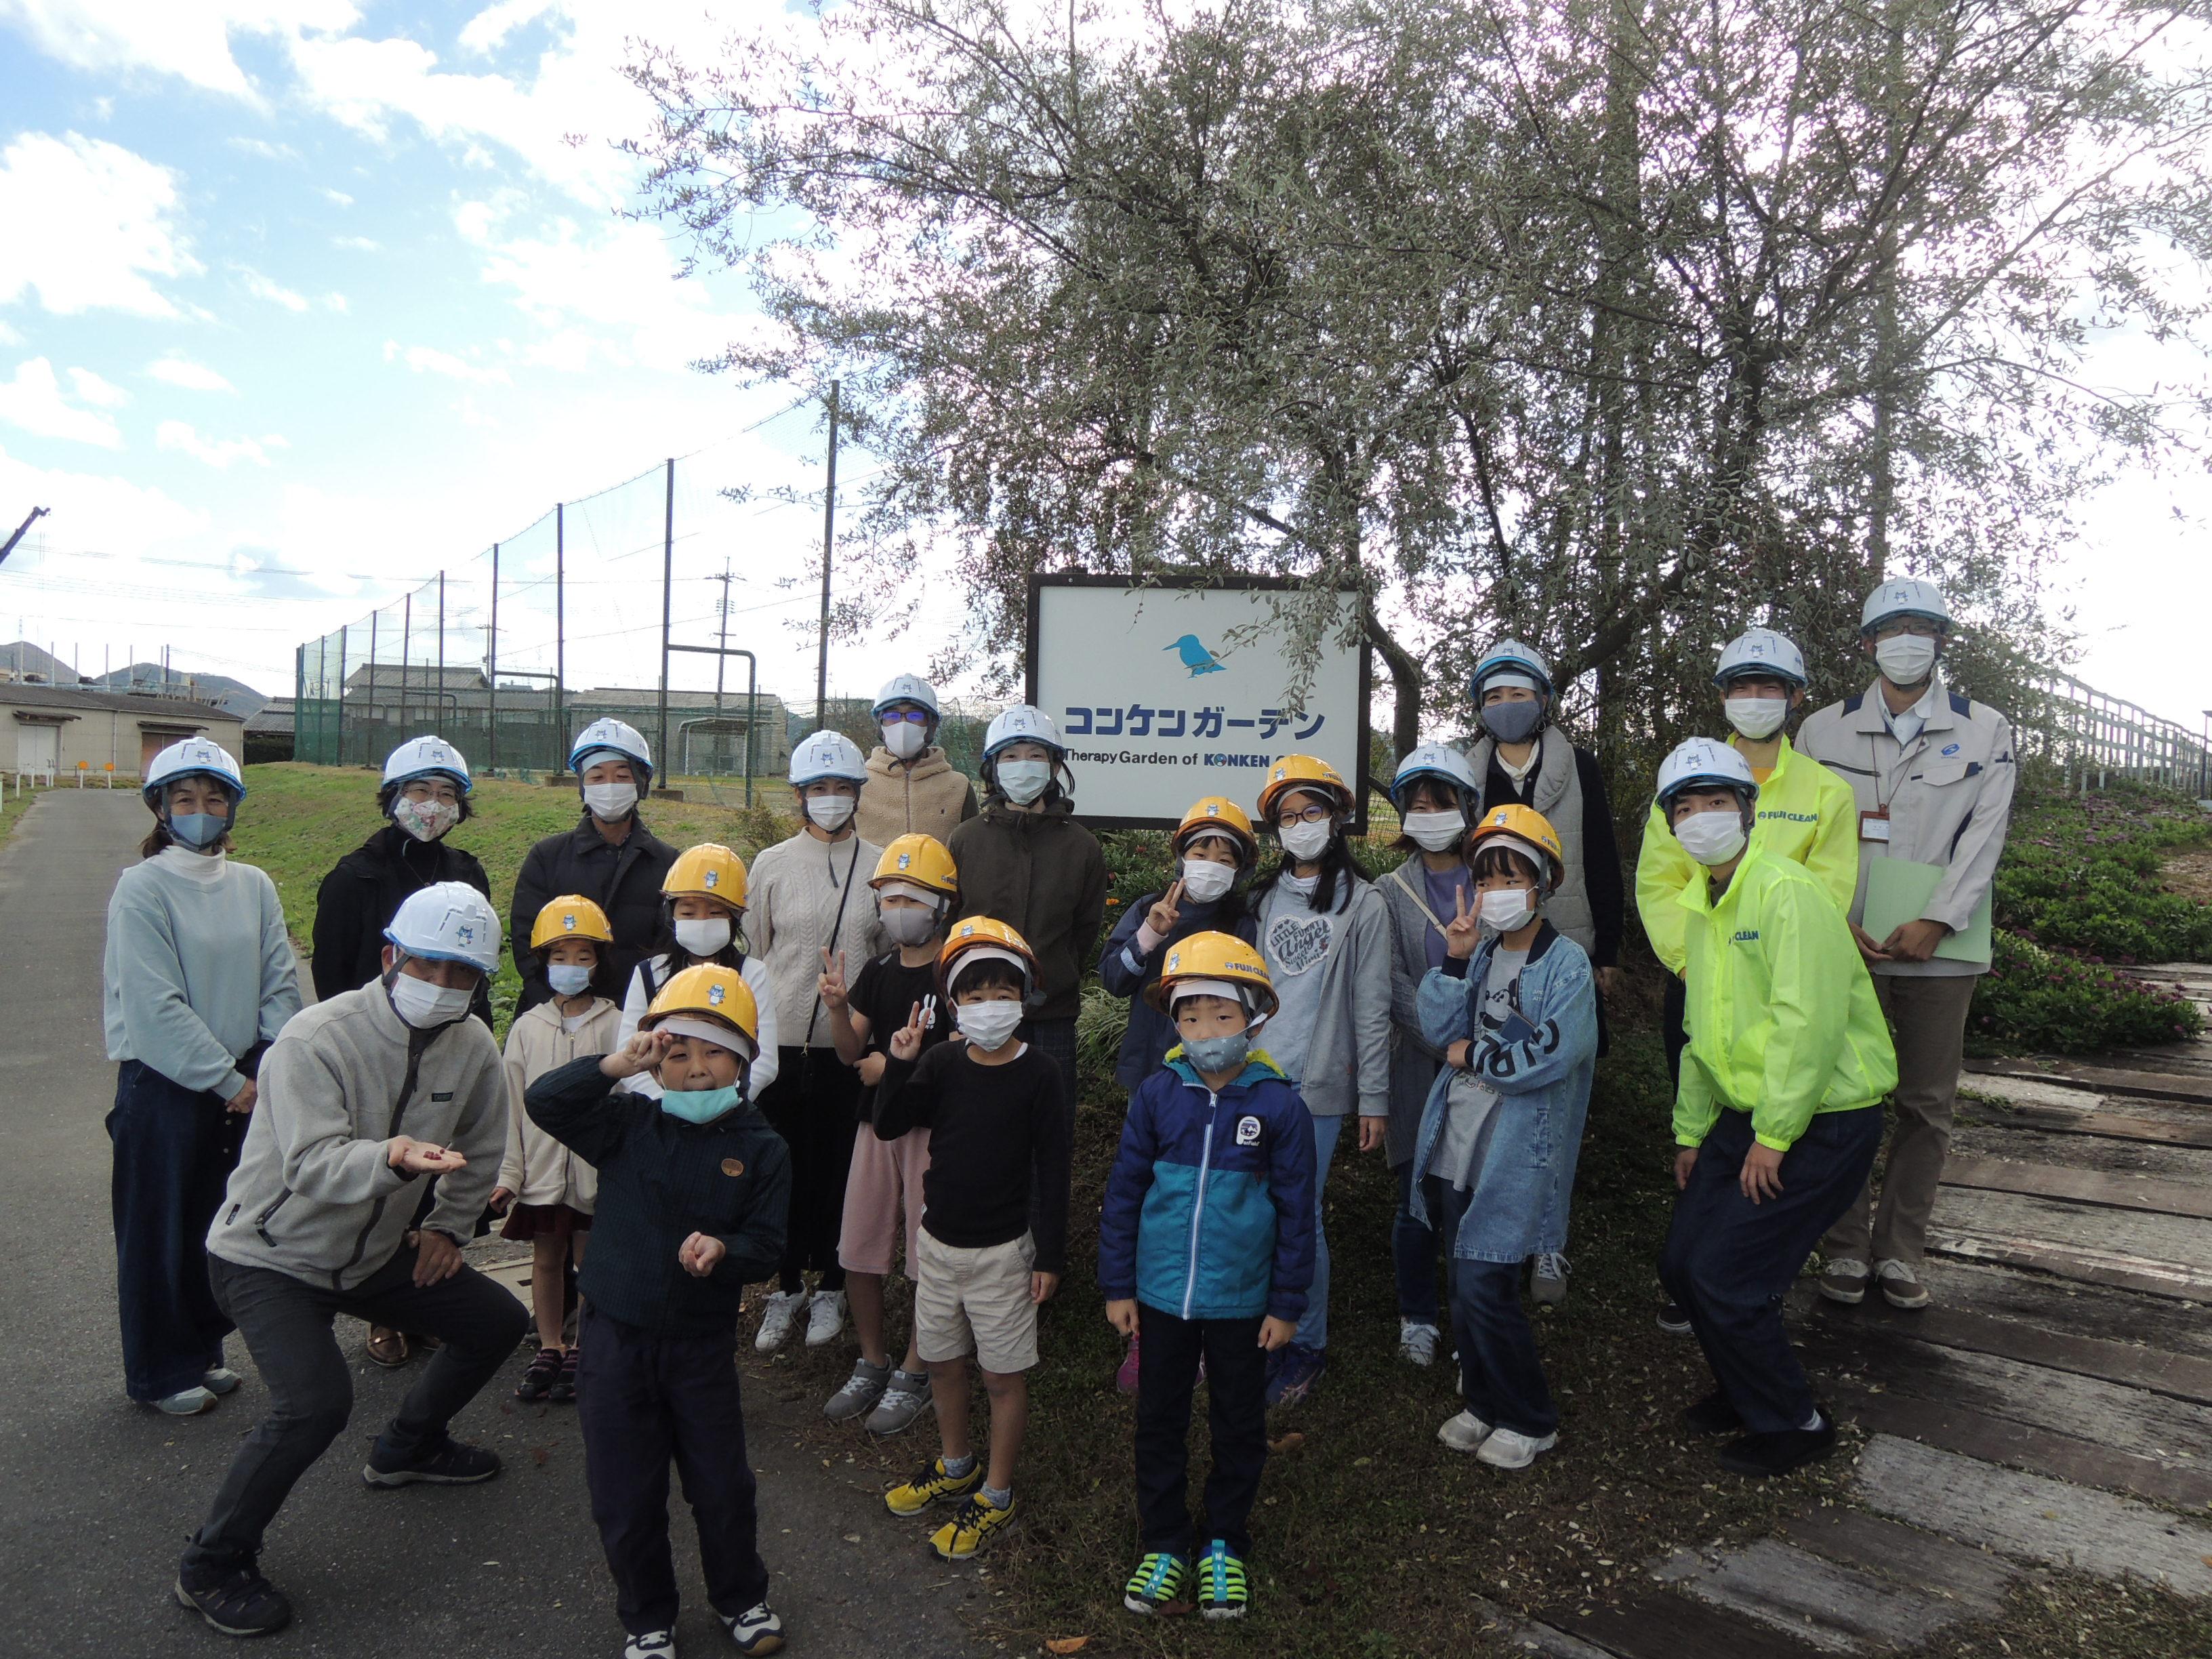 「アスエコ」様主催 「エコ博士と一緒に学ぶ、建物のリサイクル施設見学会」を開催しました。